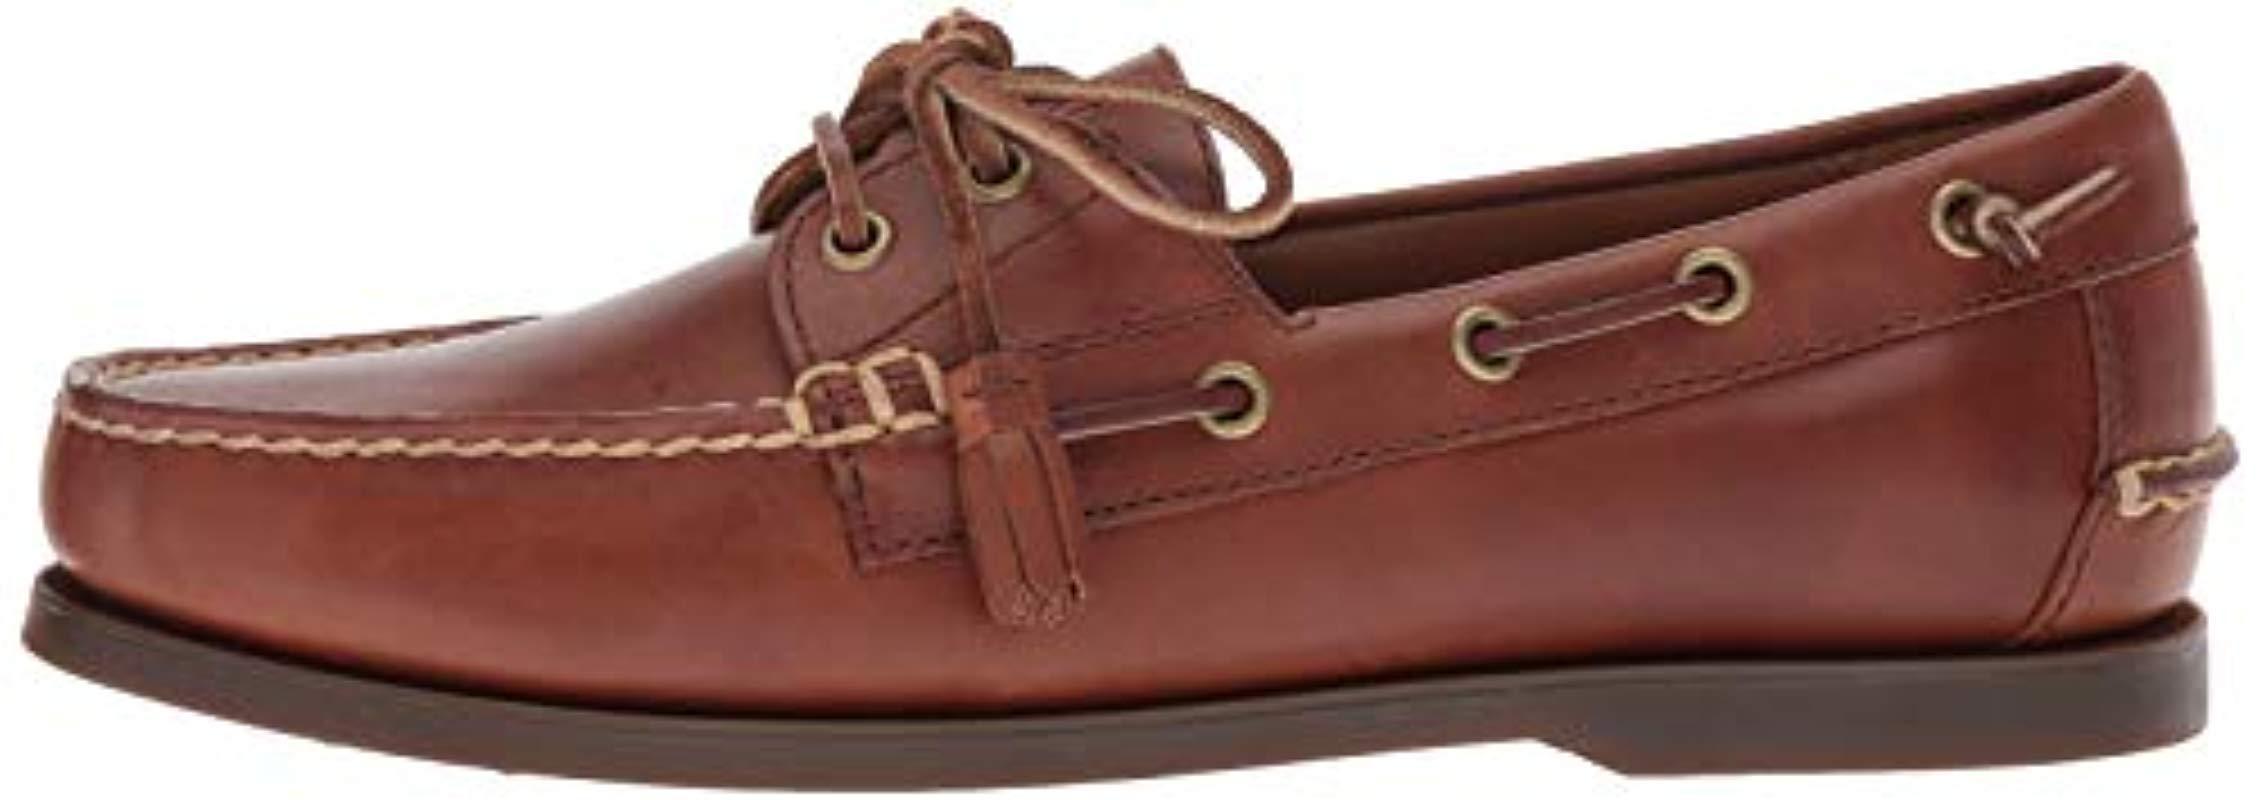 Polo Ralph Lauren Merton Boat Shoe for